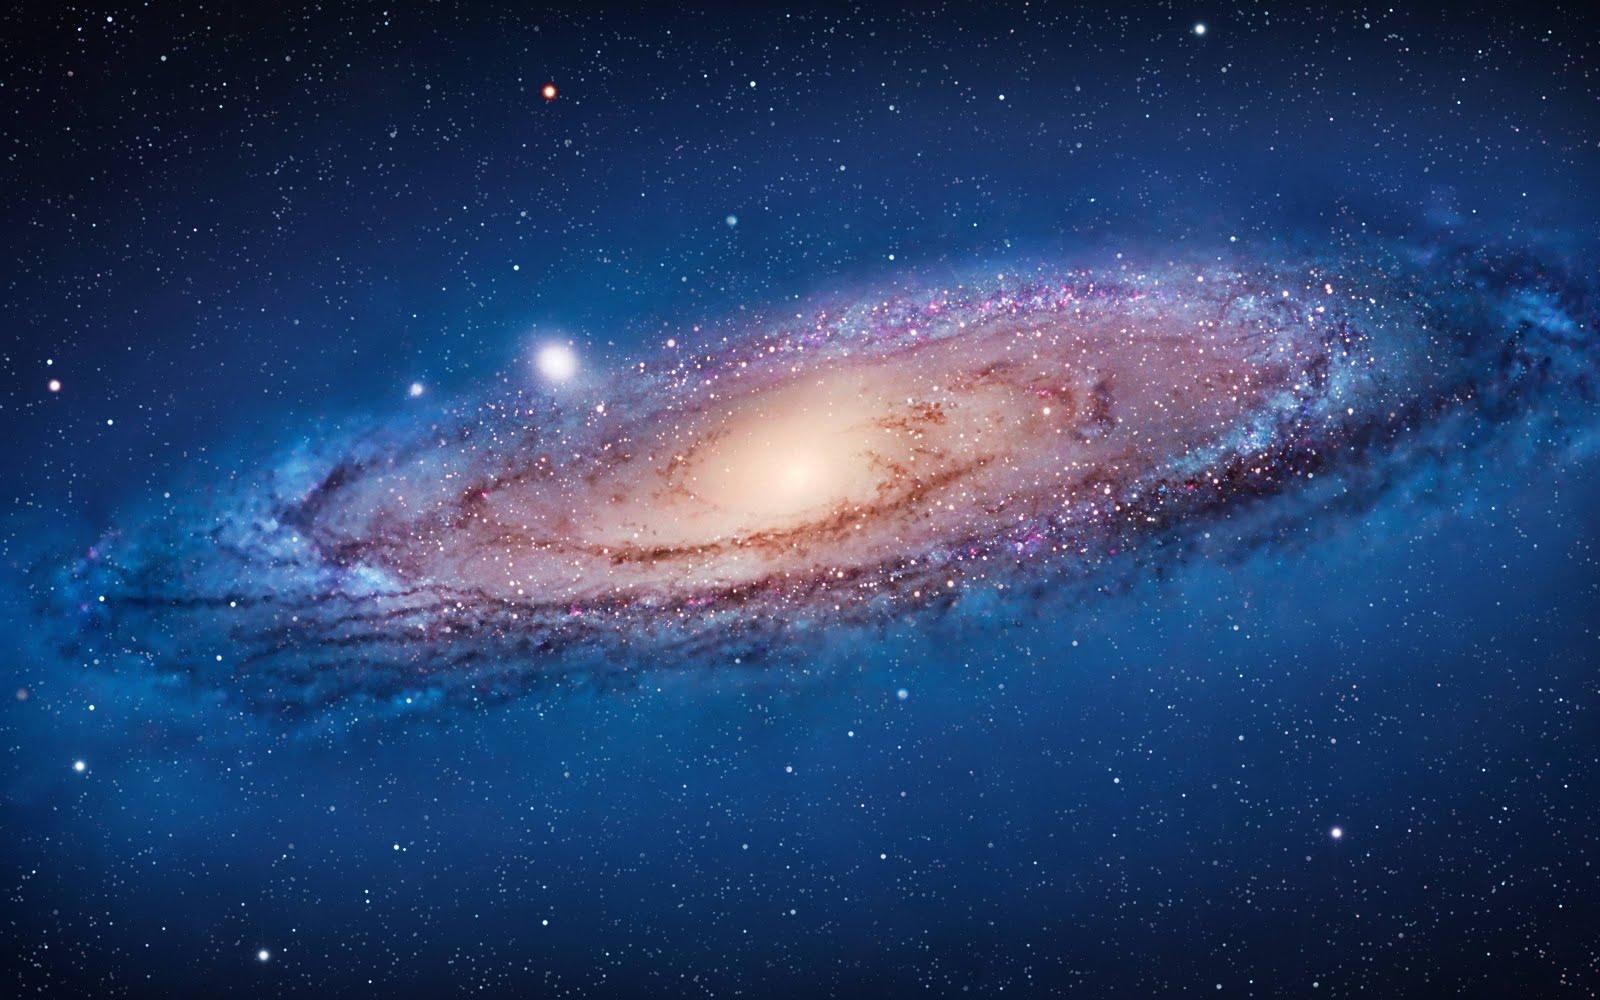 http://1.bp.blogspot.com/-SKn5twEU43A/Ti_0E16abSI/AAAAAAAAAAs/bZH7O1mfxgs/s1600/Andromeda-Wallpaper.jpg